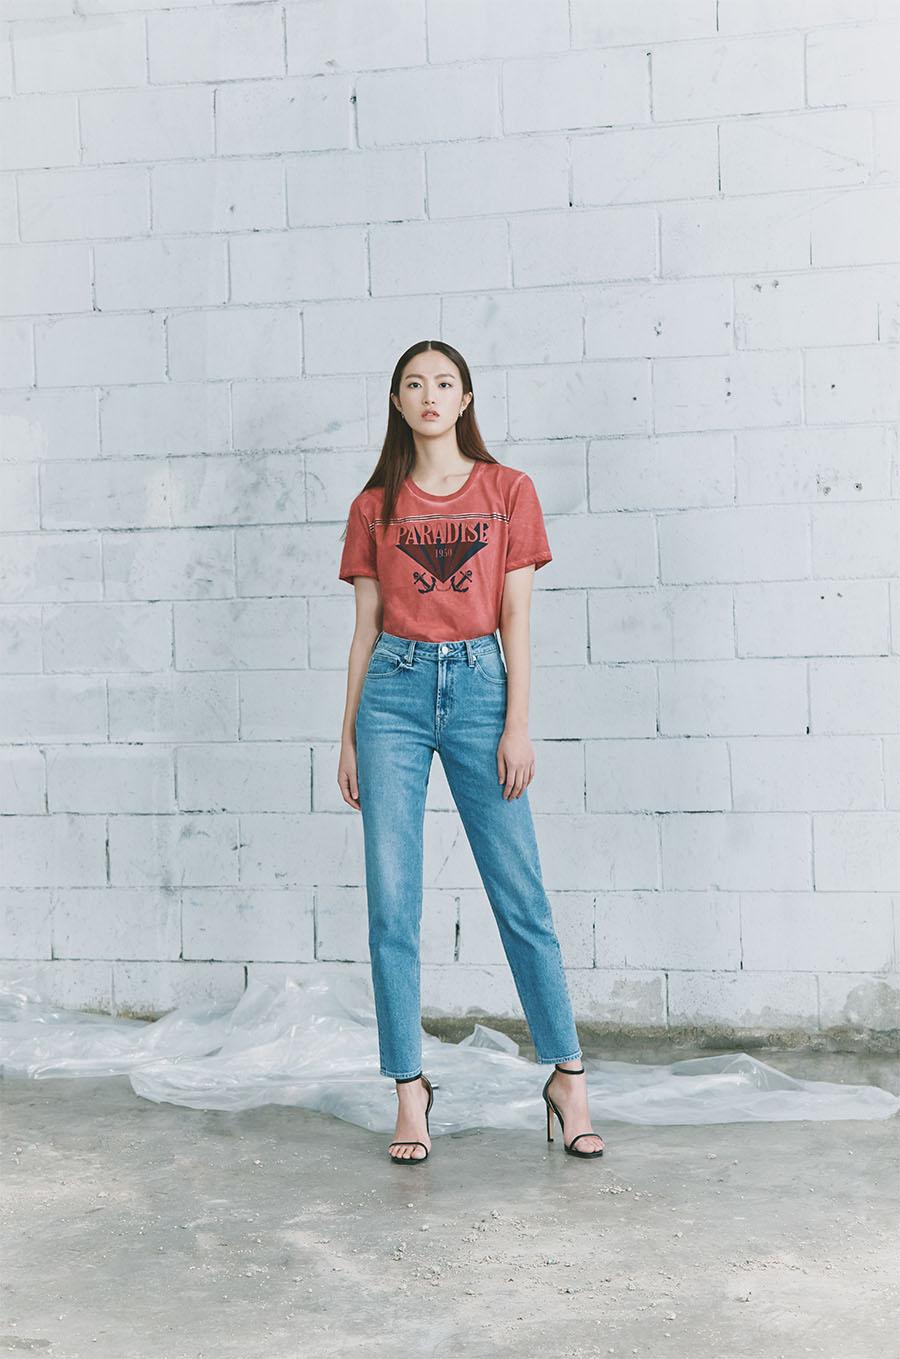 한세엠케이 버커루, 올 여름 홈캉스족의 패션코드 '핫썸머 티셔츠' 입고 시원한 랜선 여행 즐긴다!